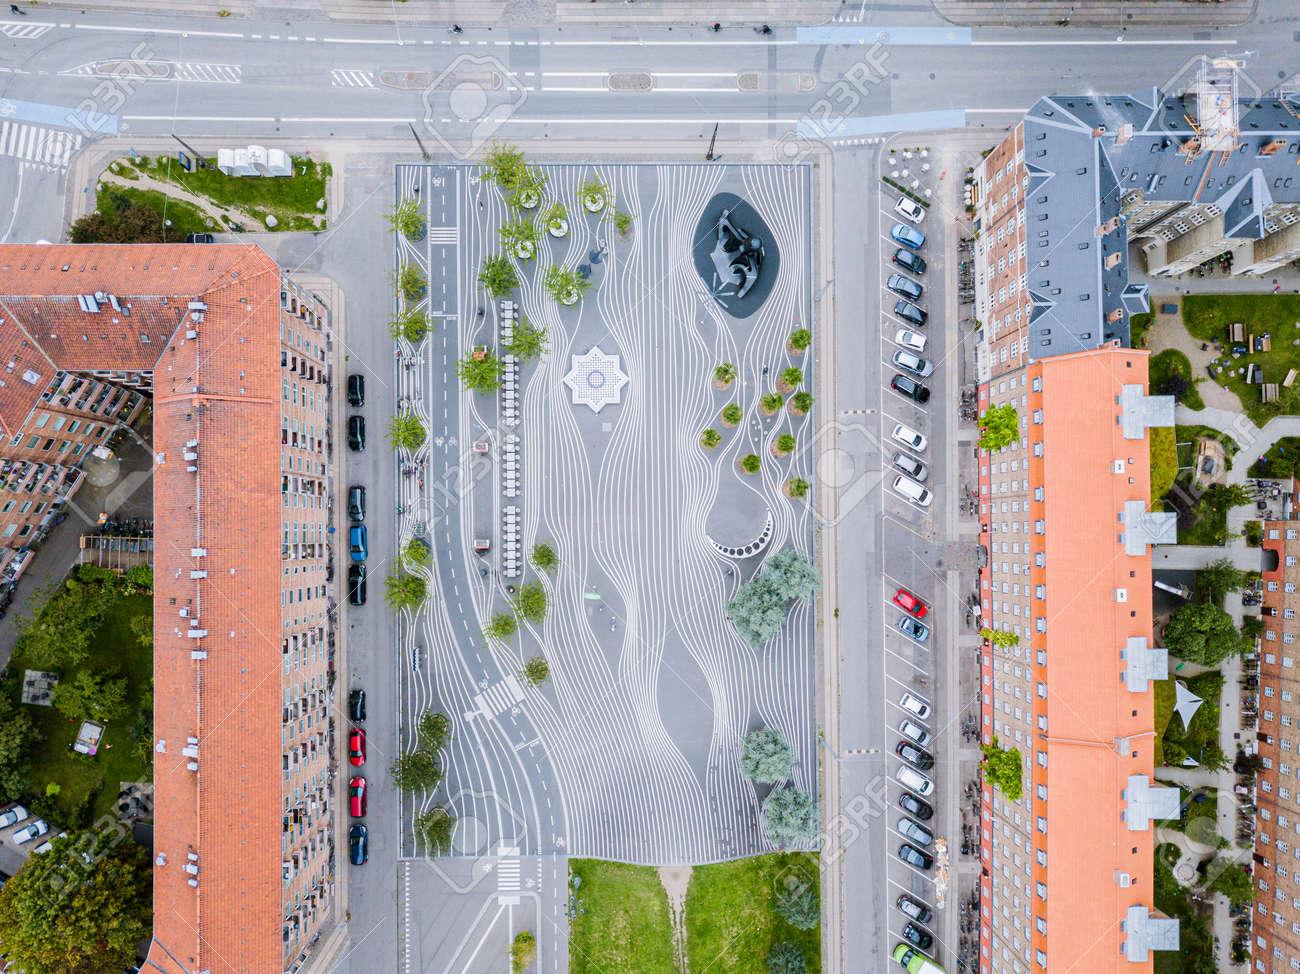 Superkilen Park in Copenhagen, Denmark - 171014256